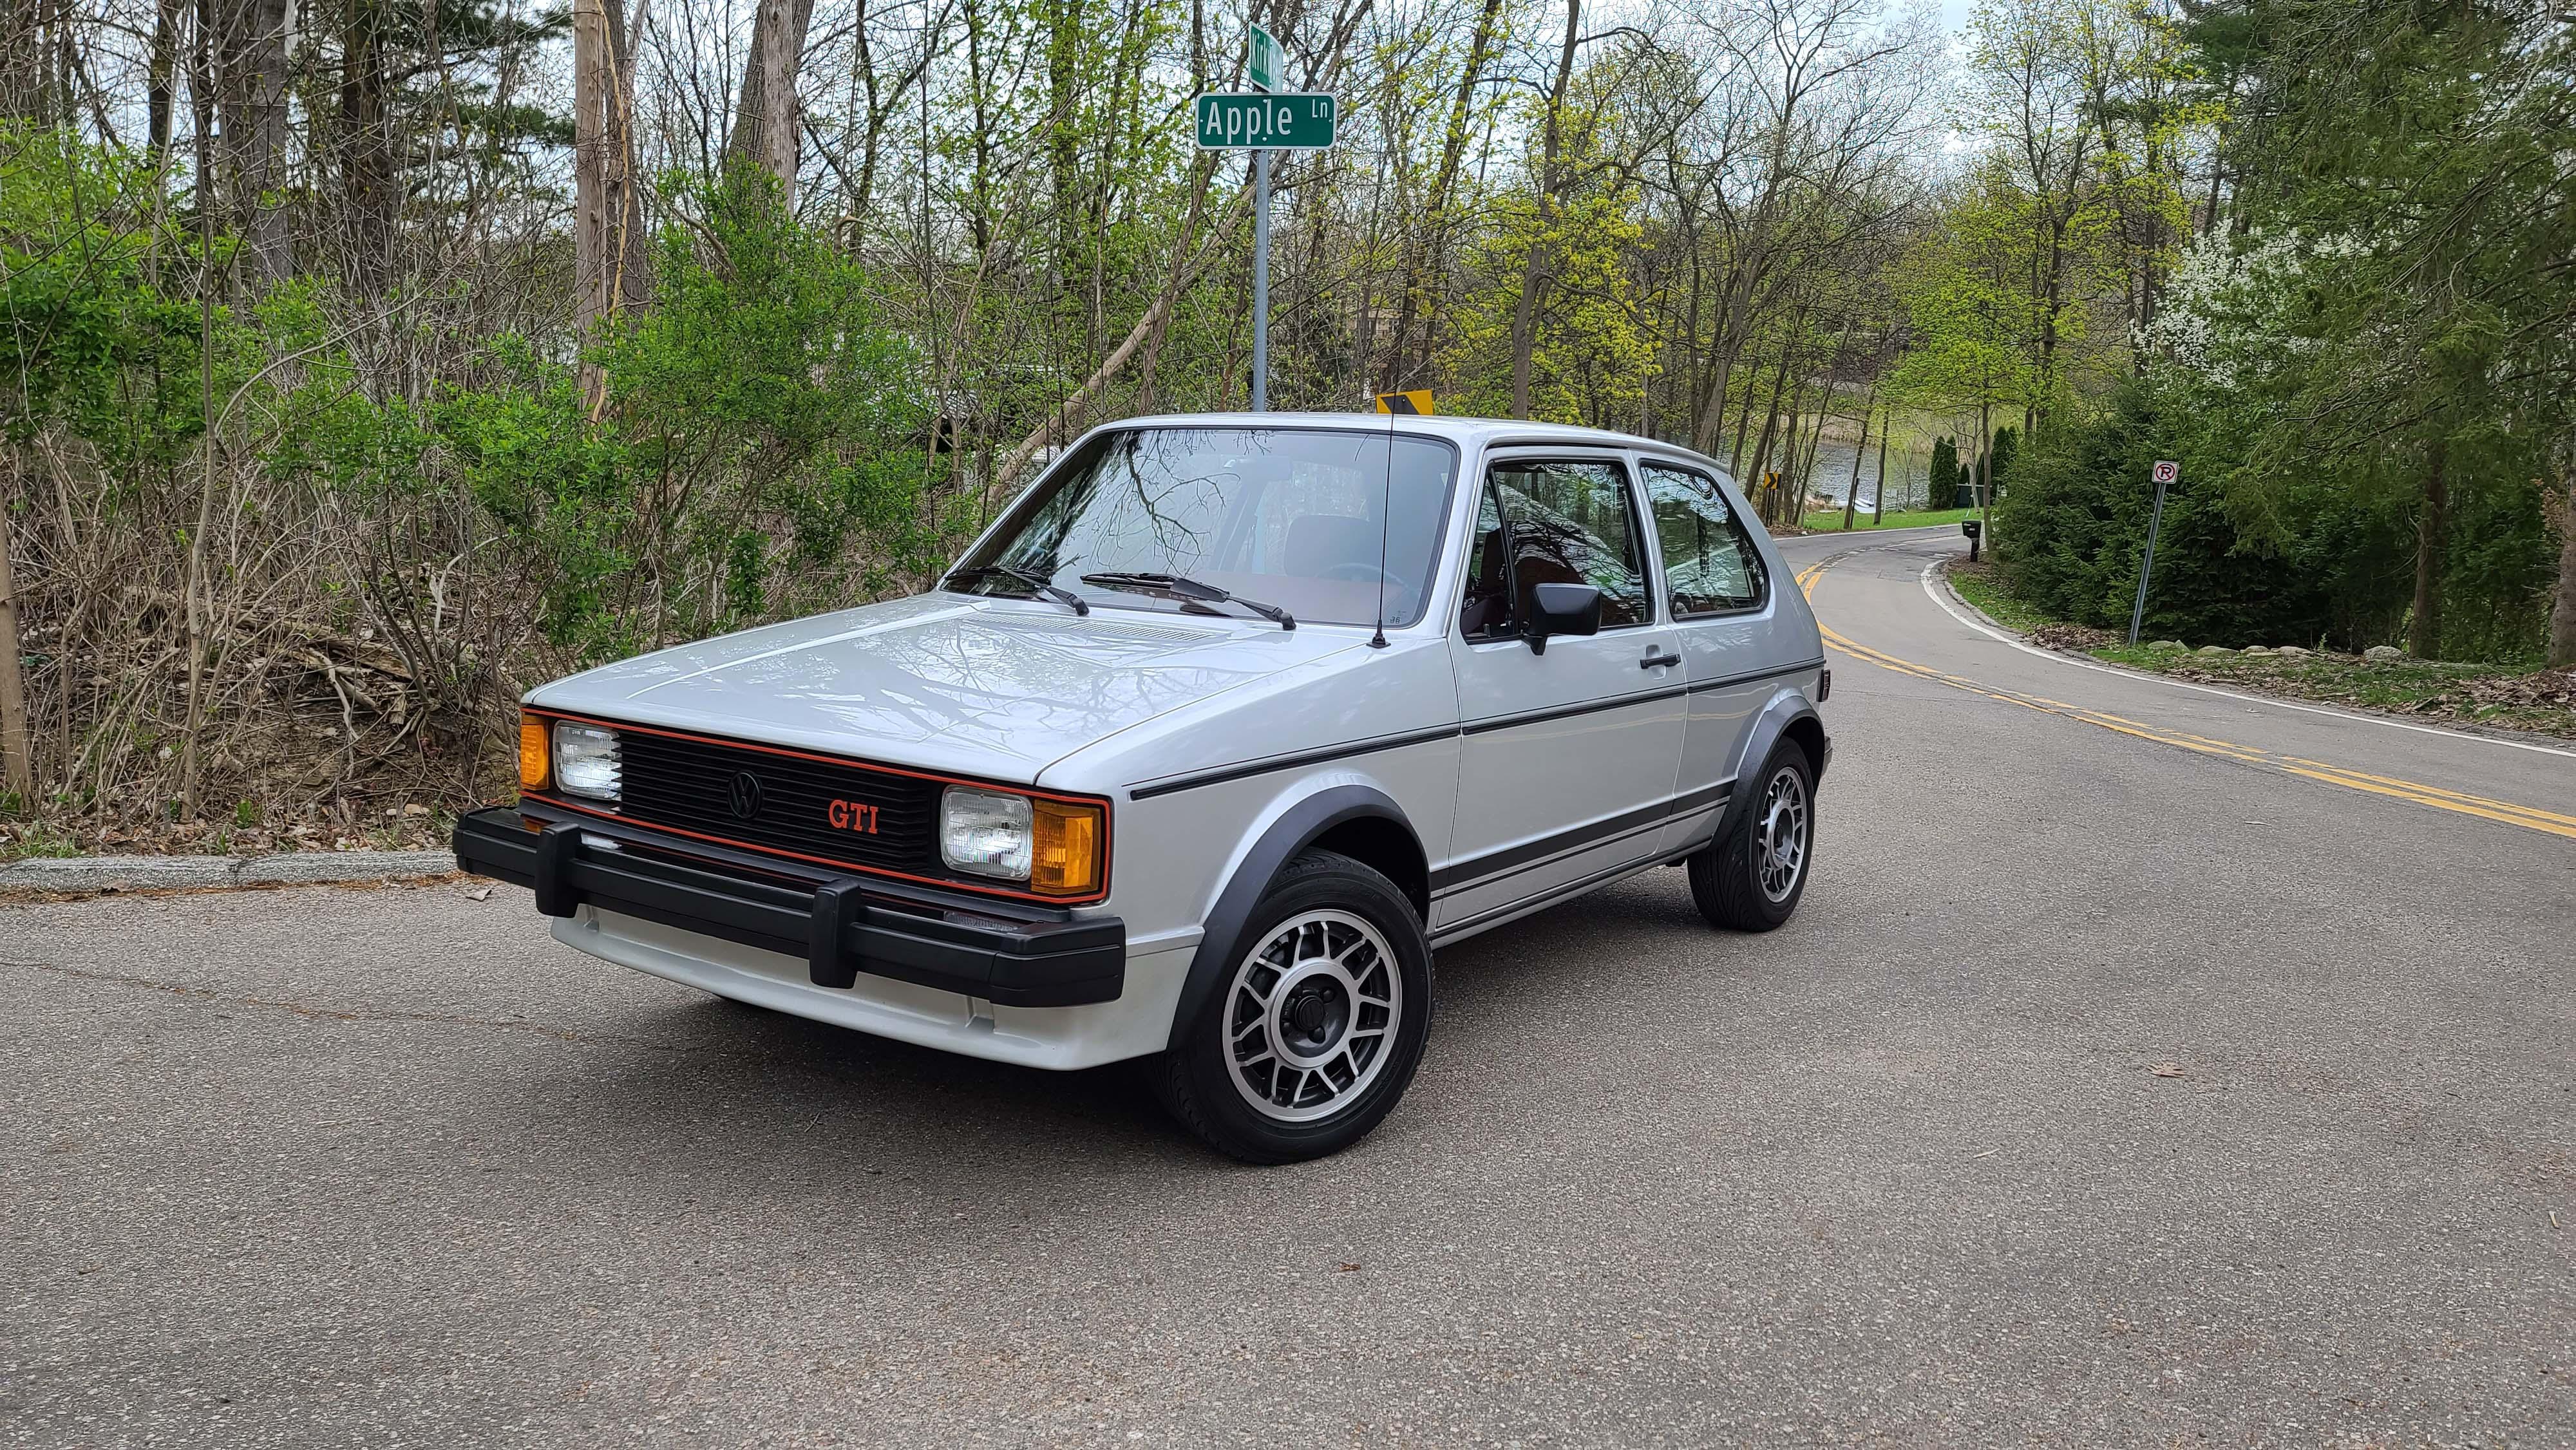 road test comparison 1984 vw rabbit gti vs 2020 jetta gli 1984 vw rabbit gti vs 2020 jetta gli